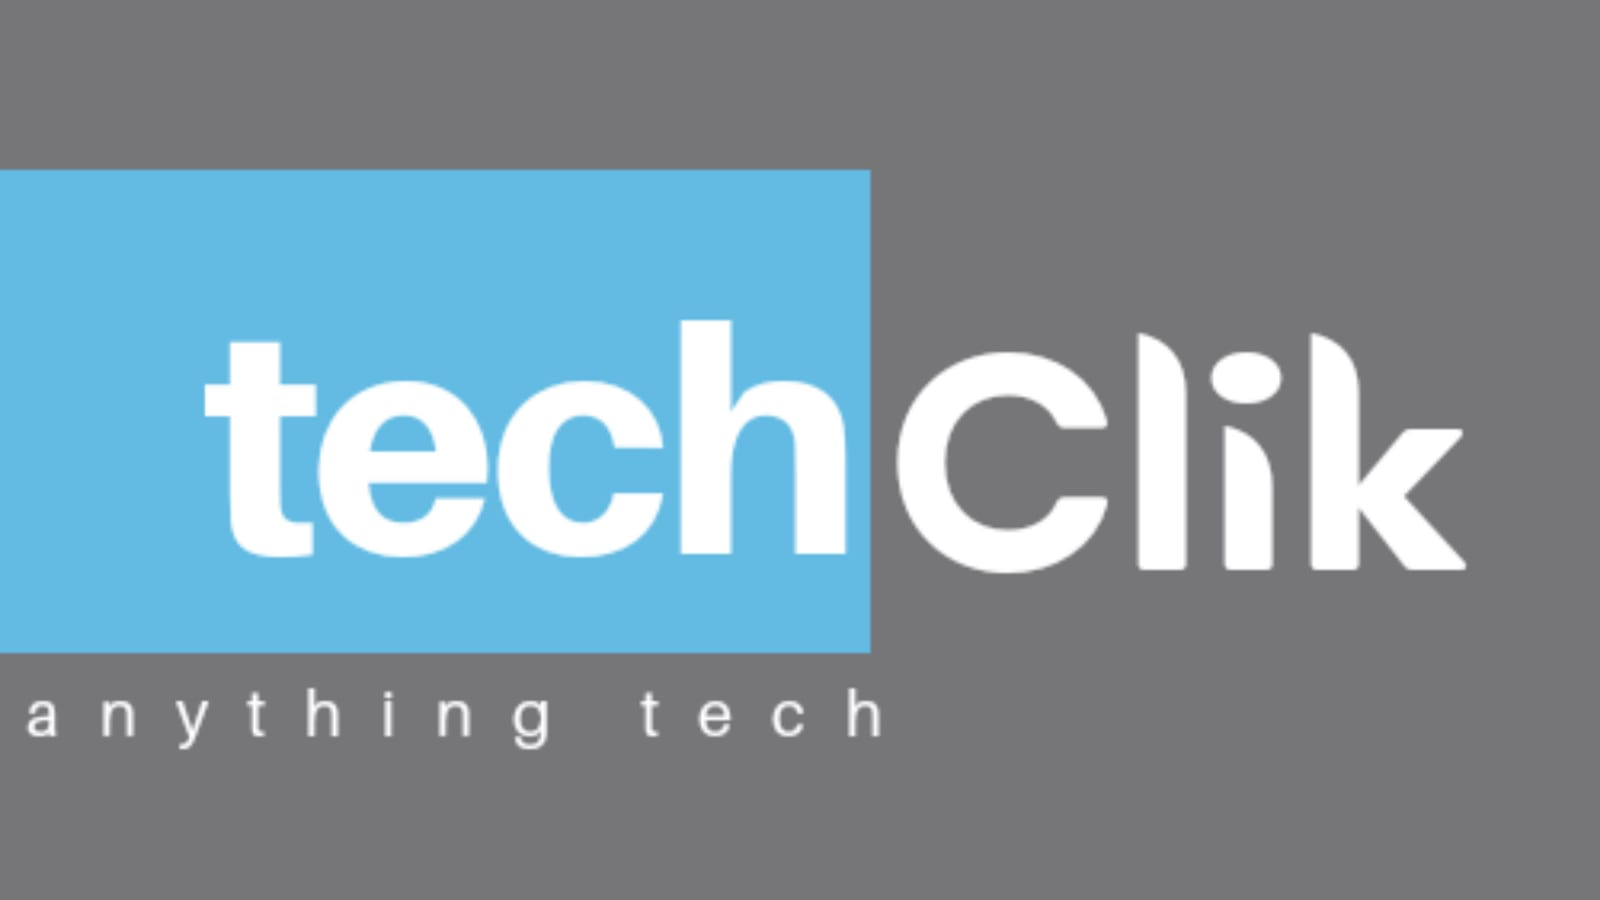 Techclik